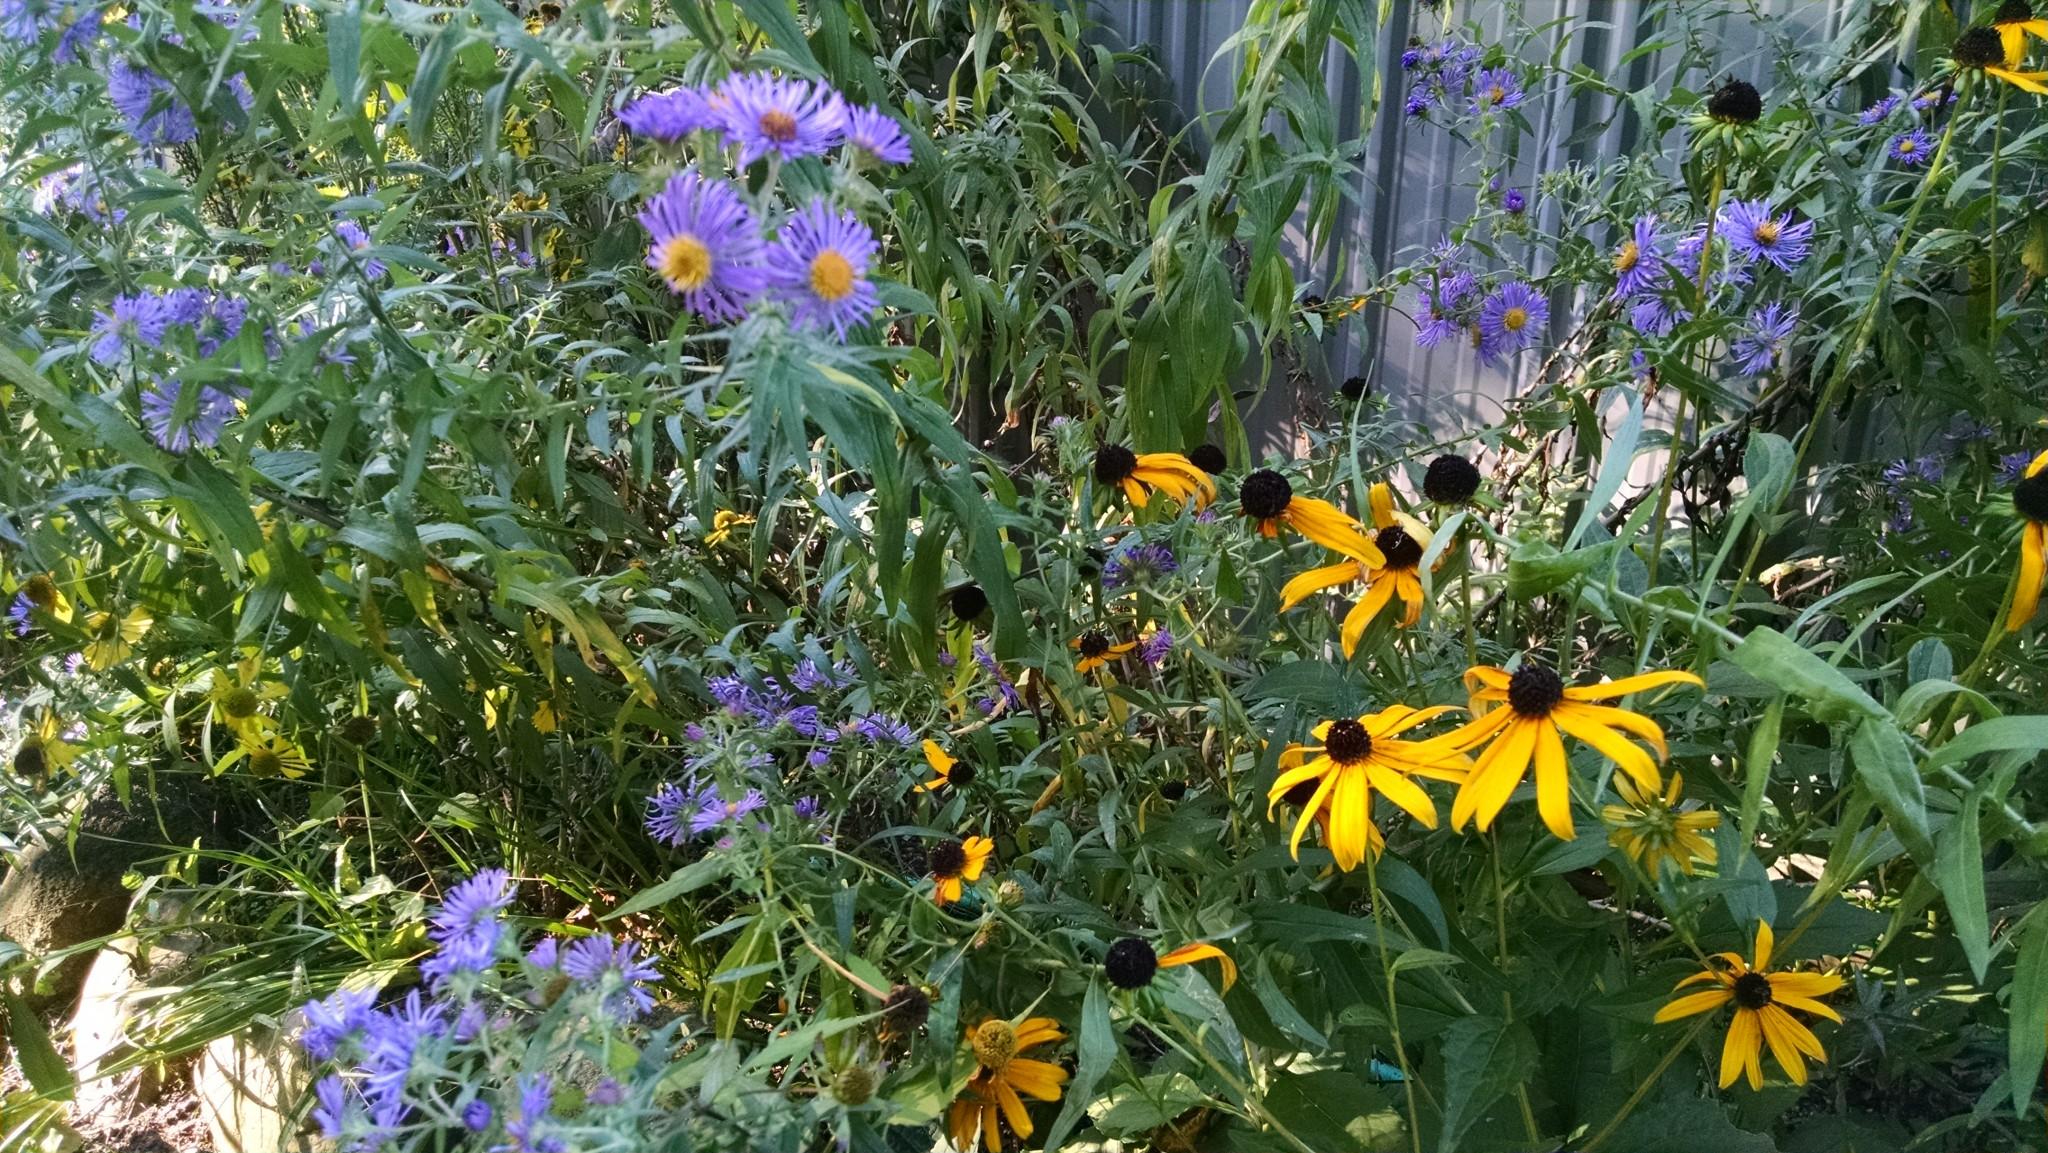 2014 09 23 171749 - Wildflower Garden